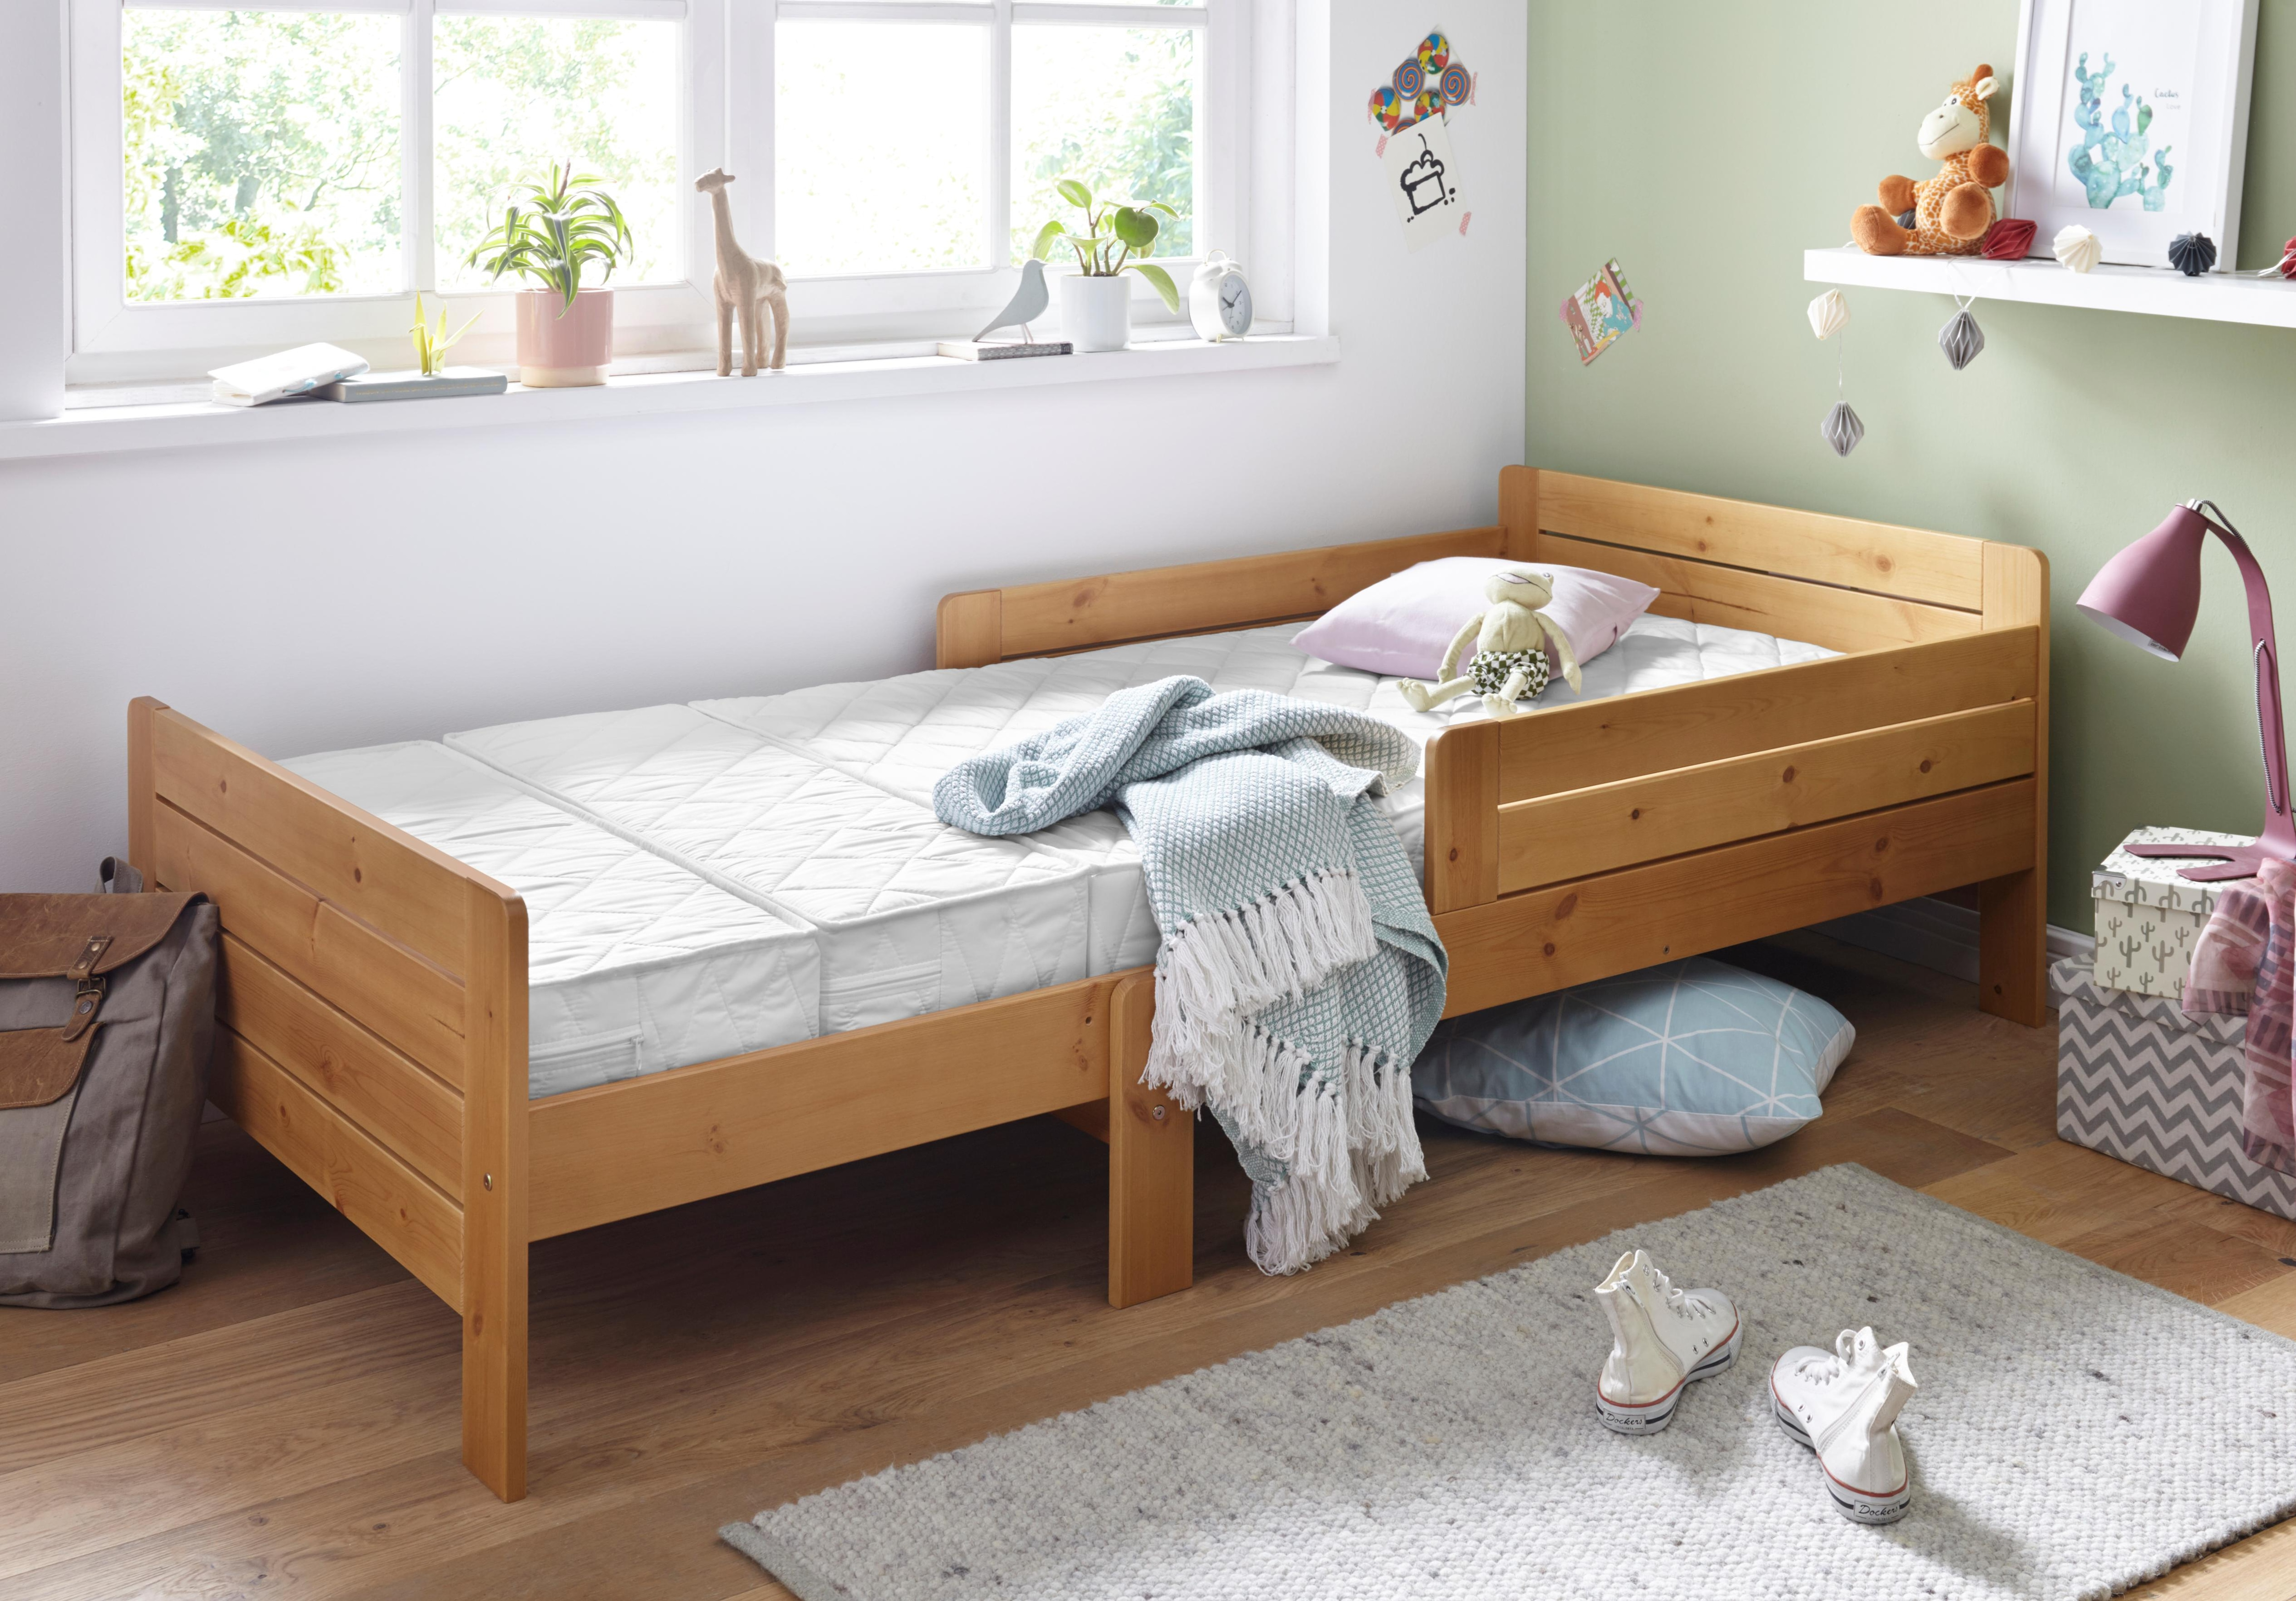 Breckle Kindermatratze zum Mitwachsen (3-tlg) | Kinderzimmer > Textilien für Kinder > Kinderbettwäsche | Weiß | Breckle